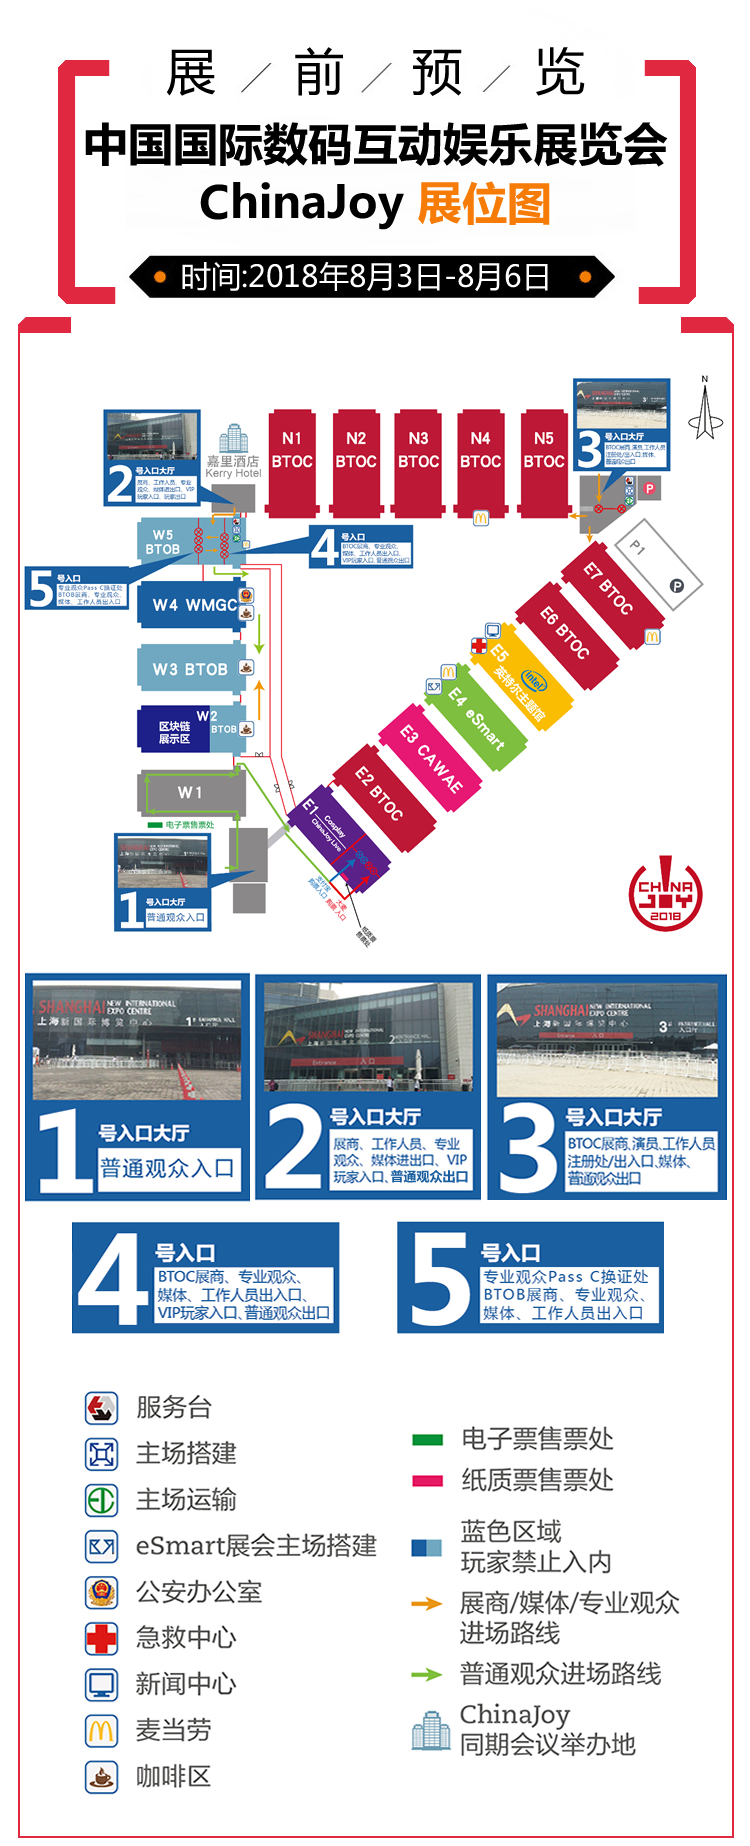 2018年第十六届ChinaJoy展前预览(综合信息篇)正式发布!